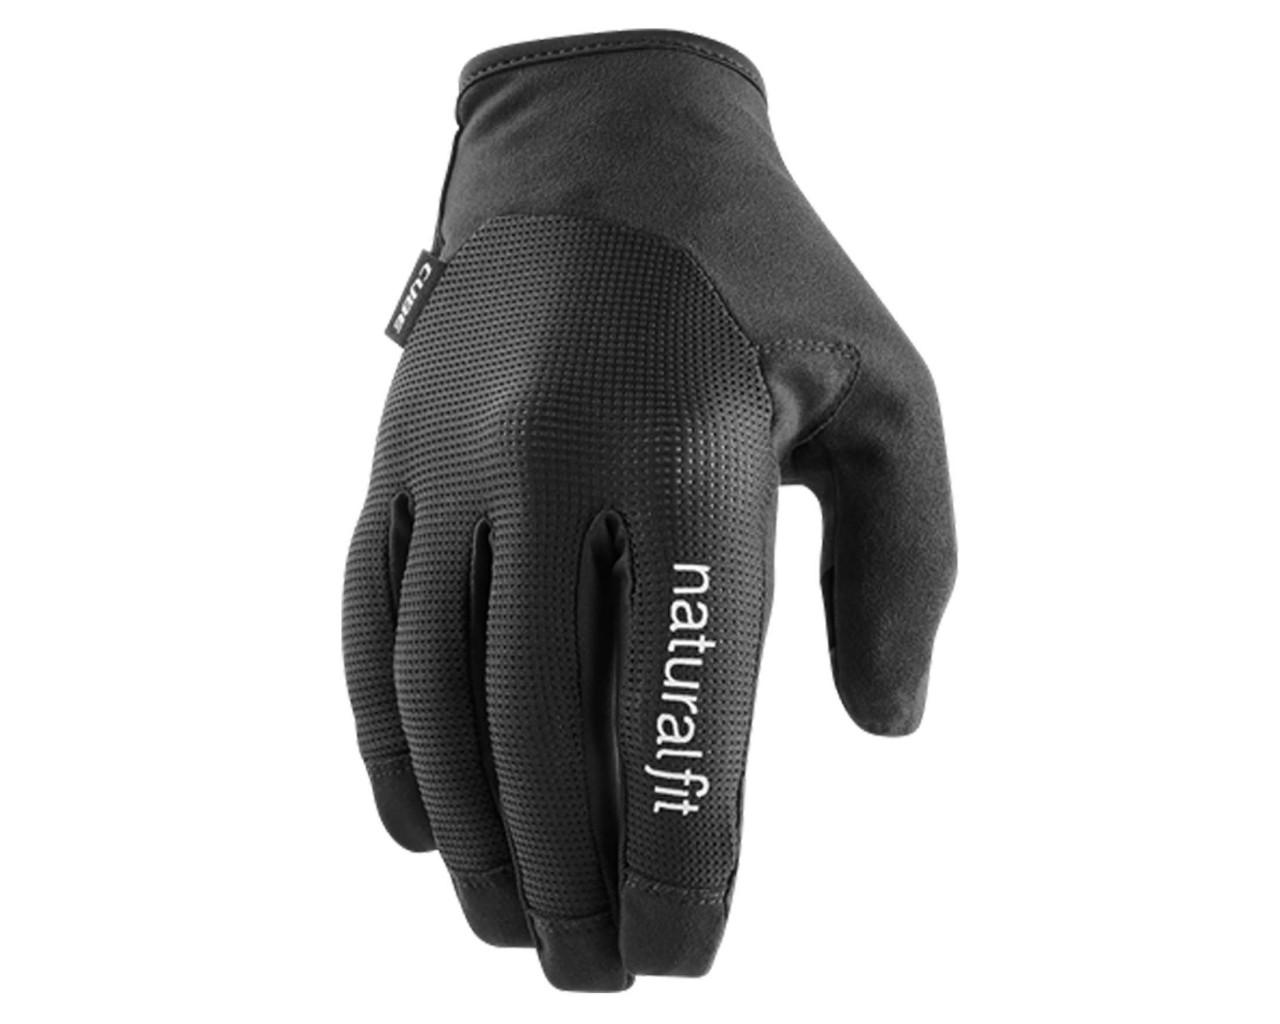 Cube Gloves X NF long finger | black